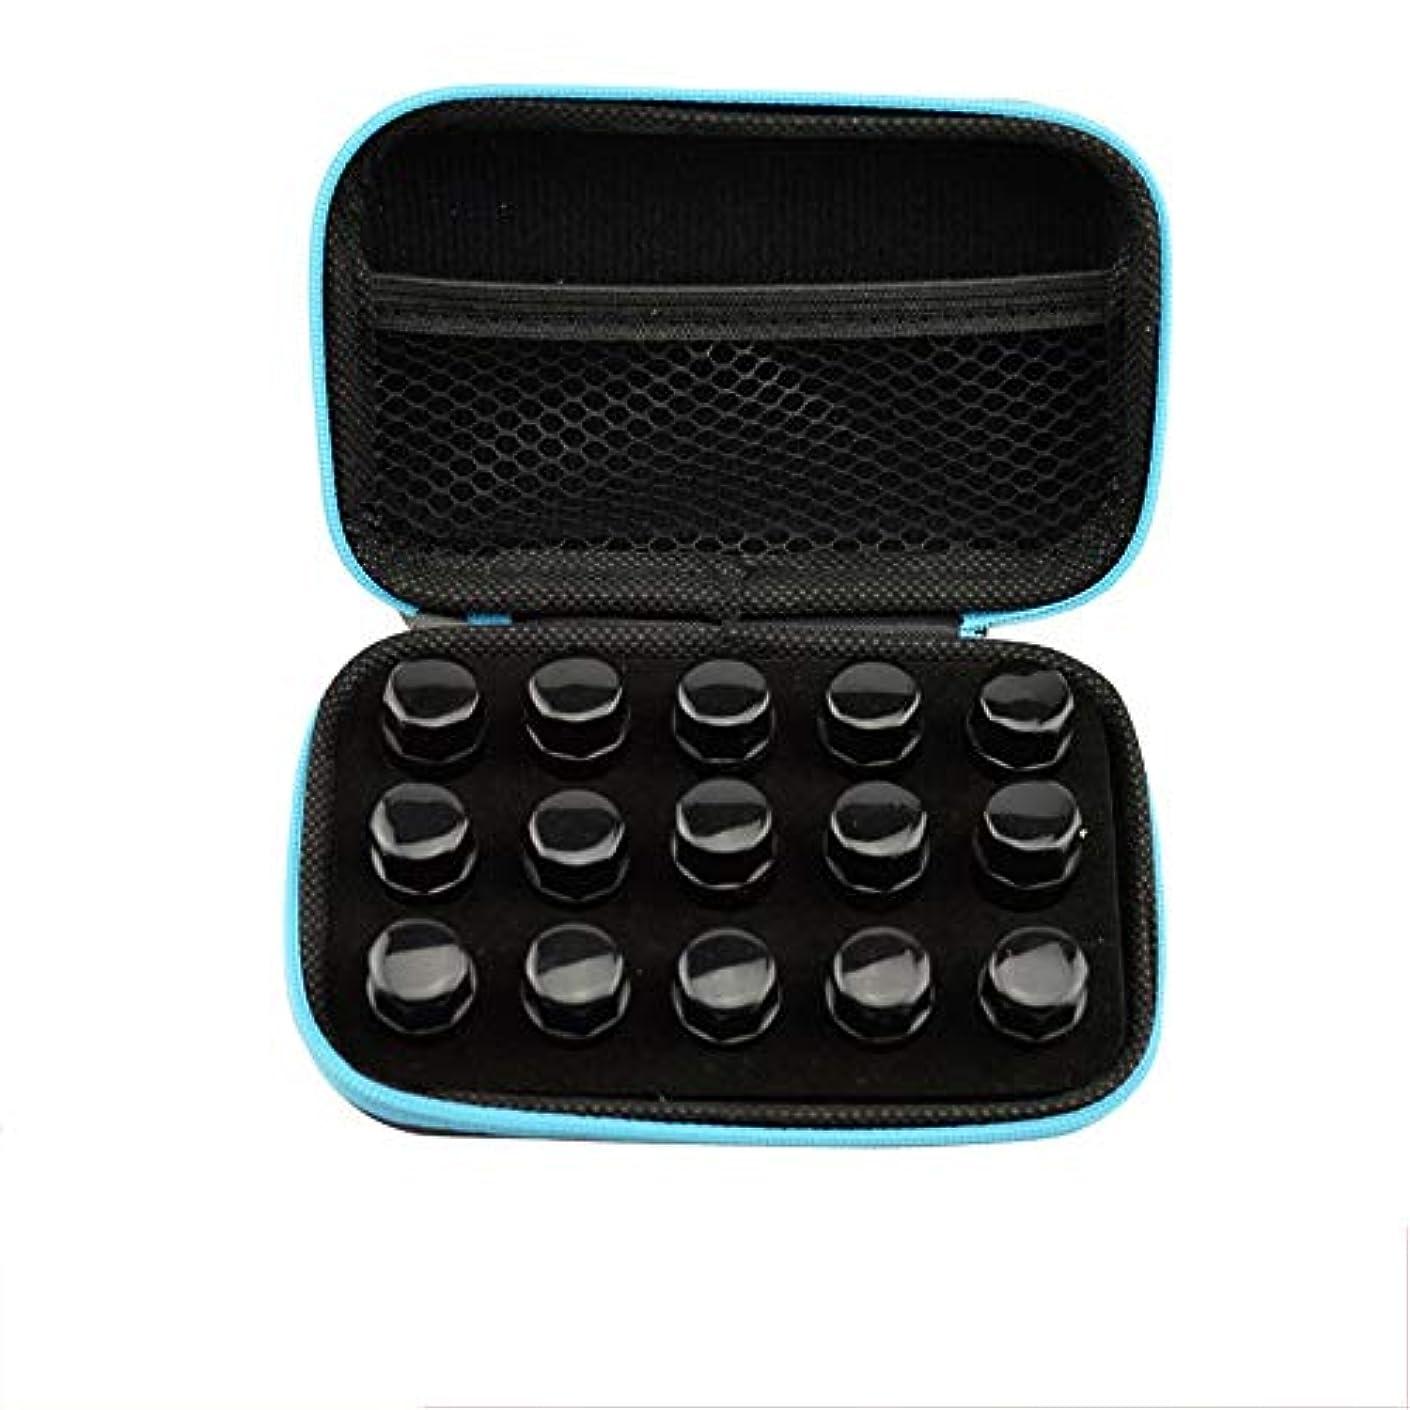 うんざり全員非効率的なエッセンシャルオイル収納ボックス ローラーとStandarボトル用ケースバッグエッセンシャルオイルケースパーフェクトキャリング15スロットミニローラーボトルケースは、女性のために1-2ml ポータブル収納ボックス (色 : ブラック, サイズ : 8.5X13.5X4.5CM)